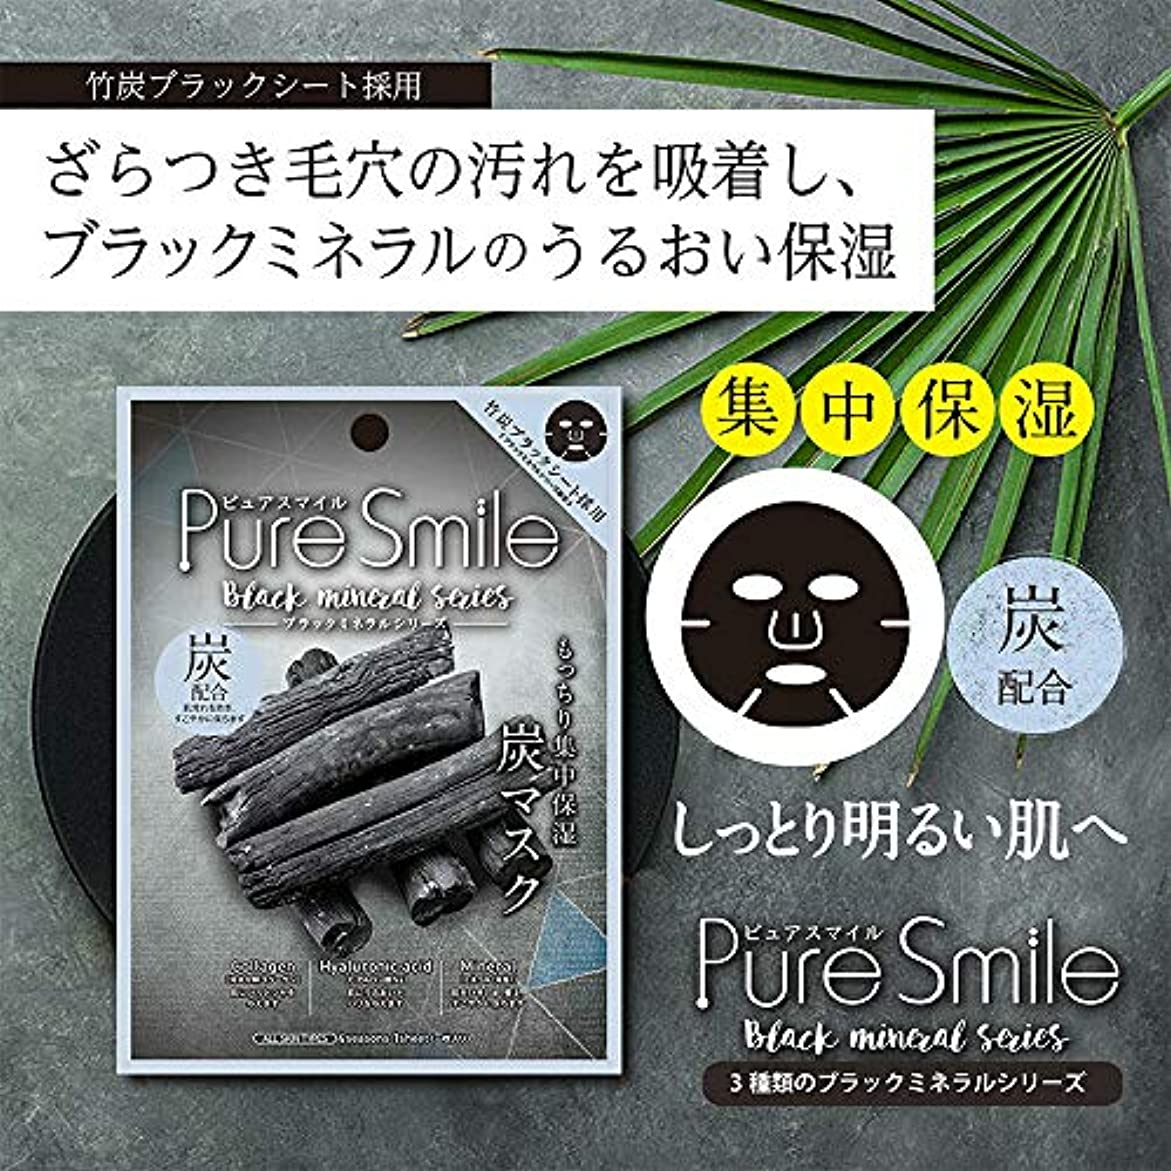 マントハーフ専らPure Smile(ピュアスマイル) エッセンスマスク 『ブラックミネラルシリーズ』(炭) フェイスマスク パック